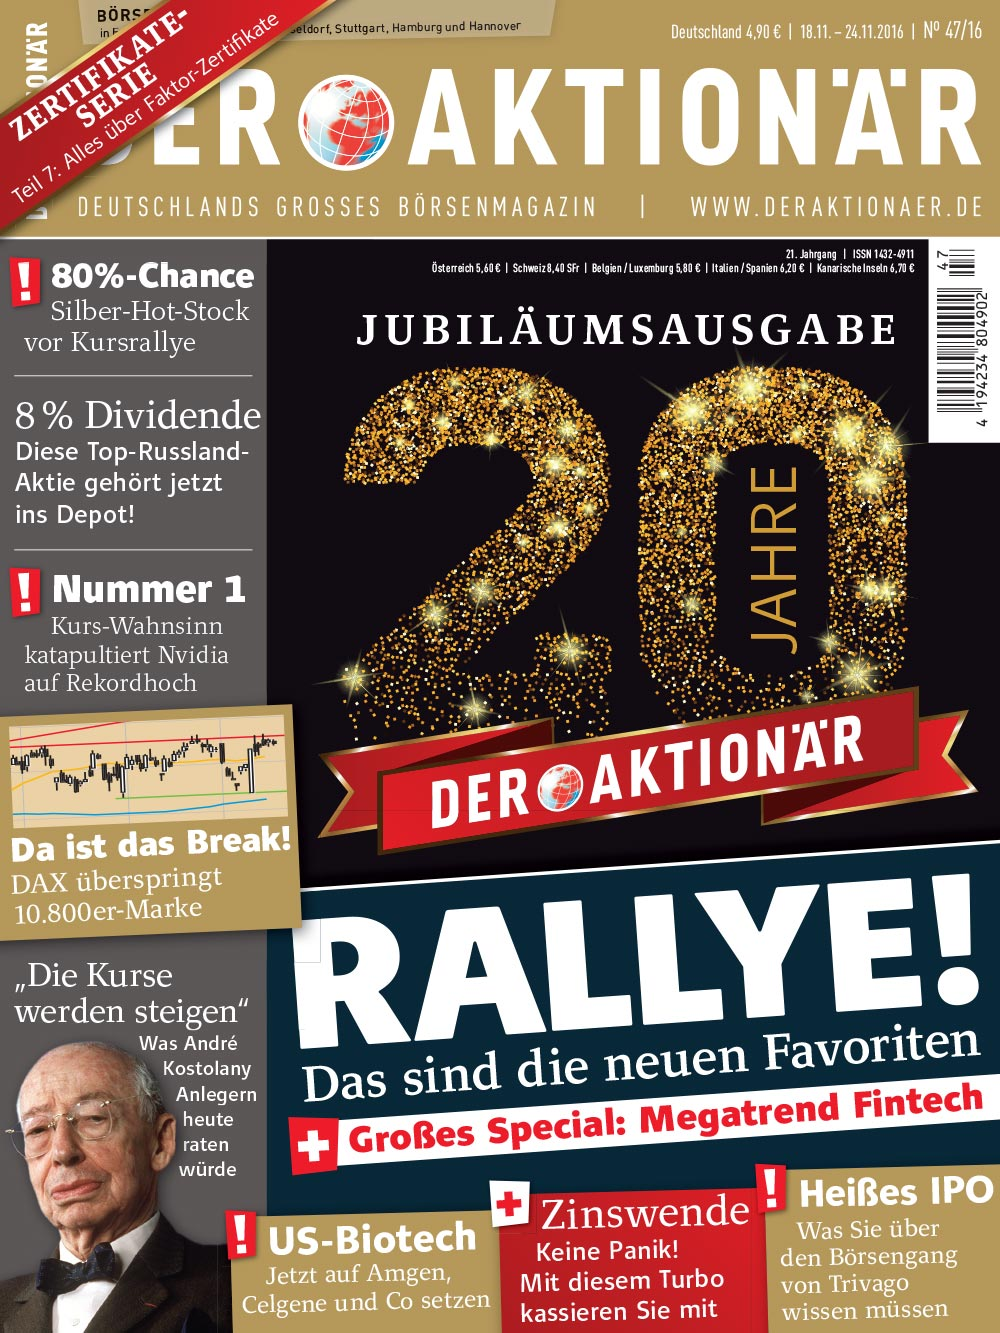 DER AKTIONÄR November 20016: Rallye! Das sind die neuen Favoriten